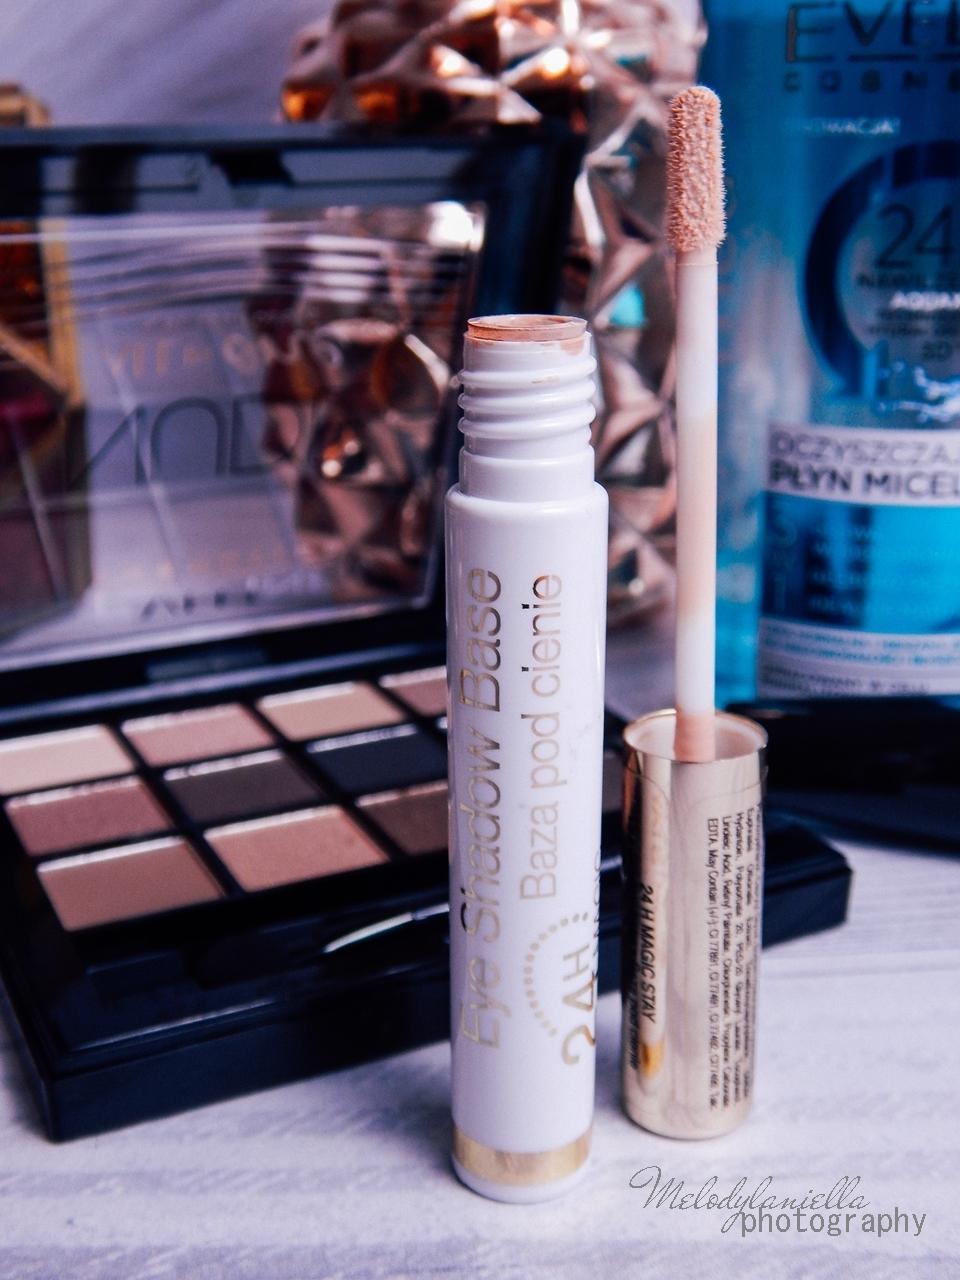 8 eveline cosmetics nude all in one eyeshadow palette melodylaniella recenzja cienie do powiek paletka cieni mascara big volume lash eye shadow base baza pod cienie oczyszczający płyn micelarny test